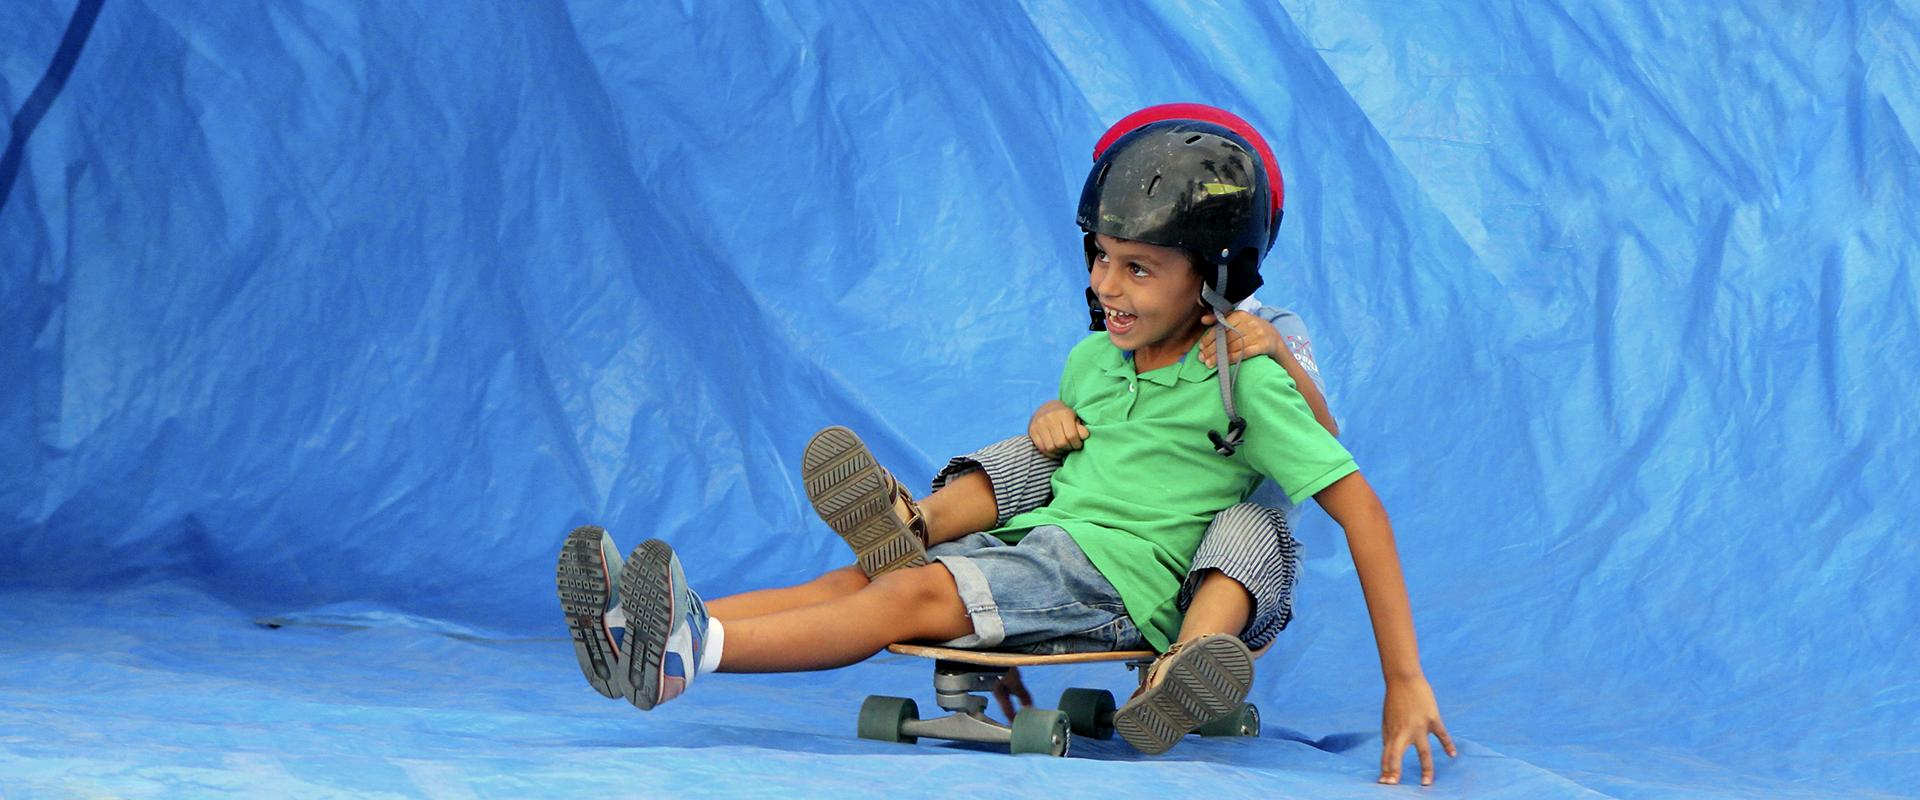 skate-kids-slider-2